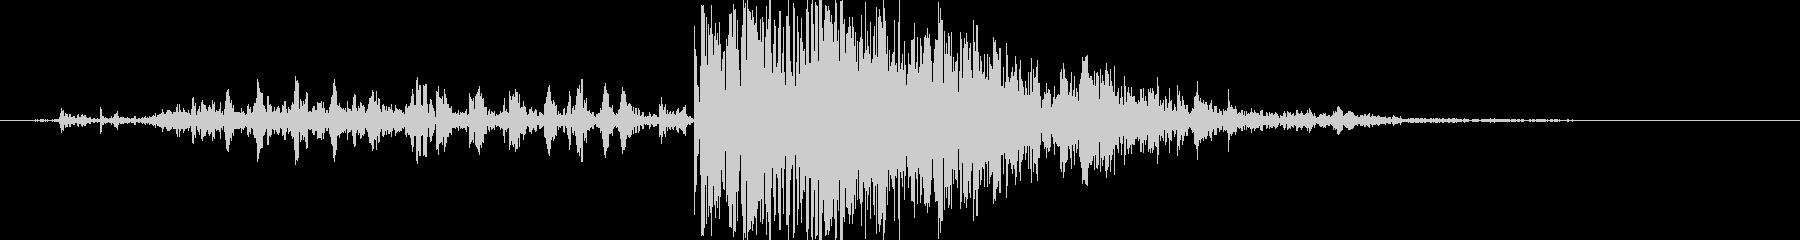 木 ミディアムクラッシュ01の未再生の波形